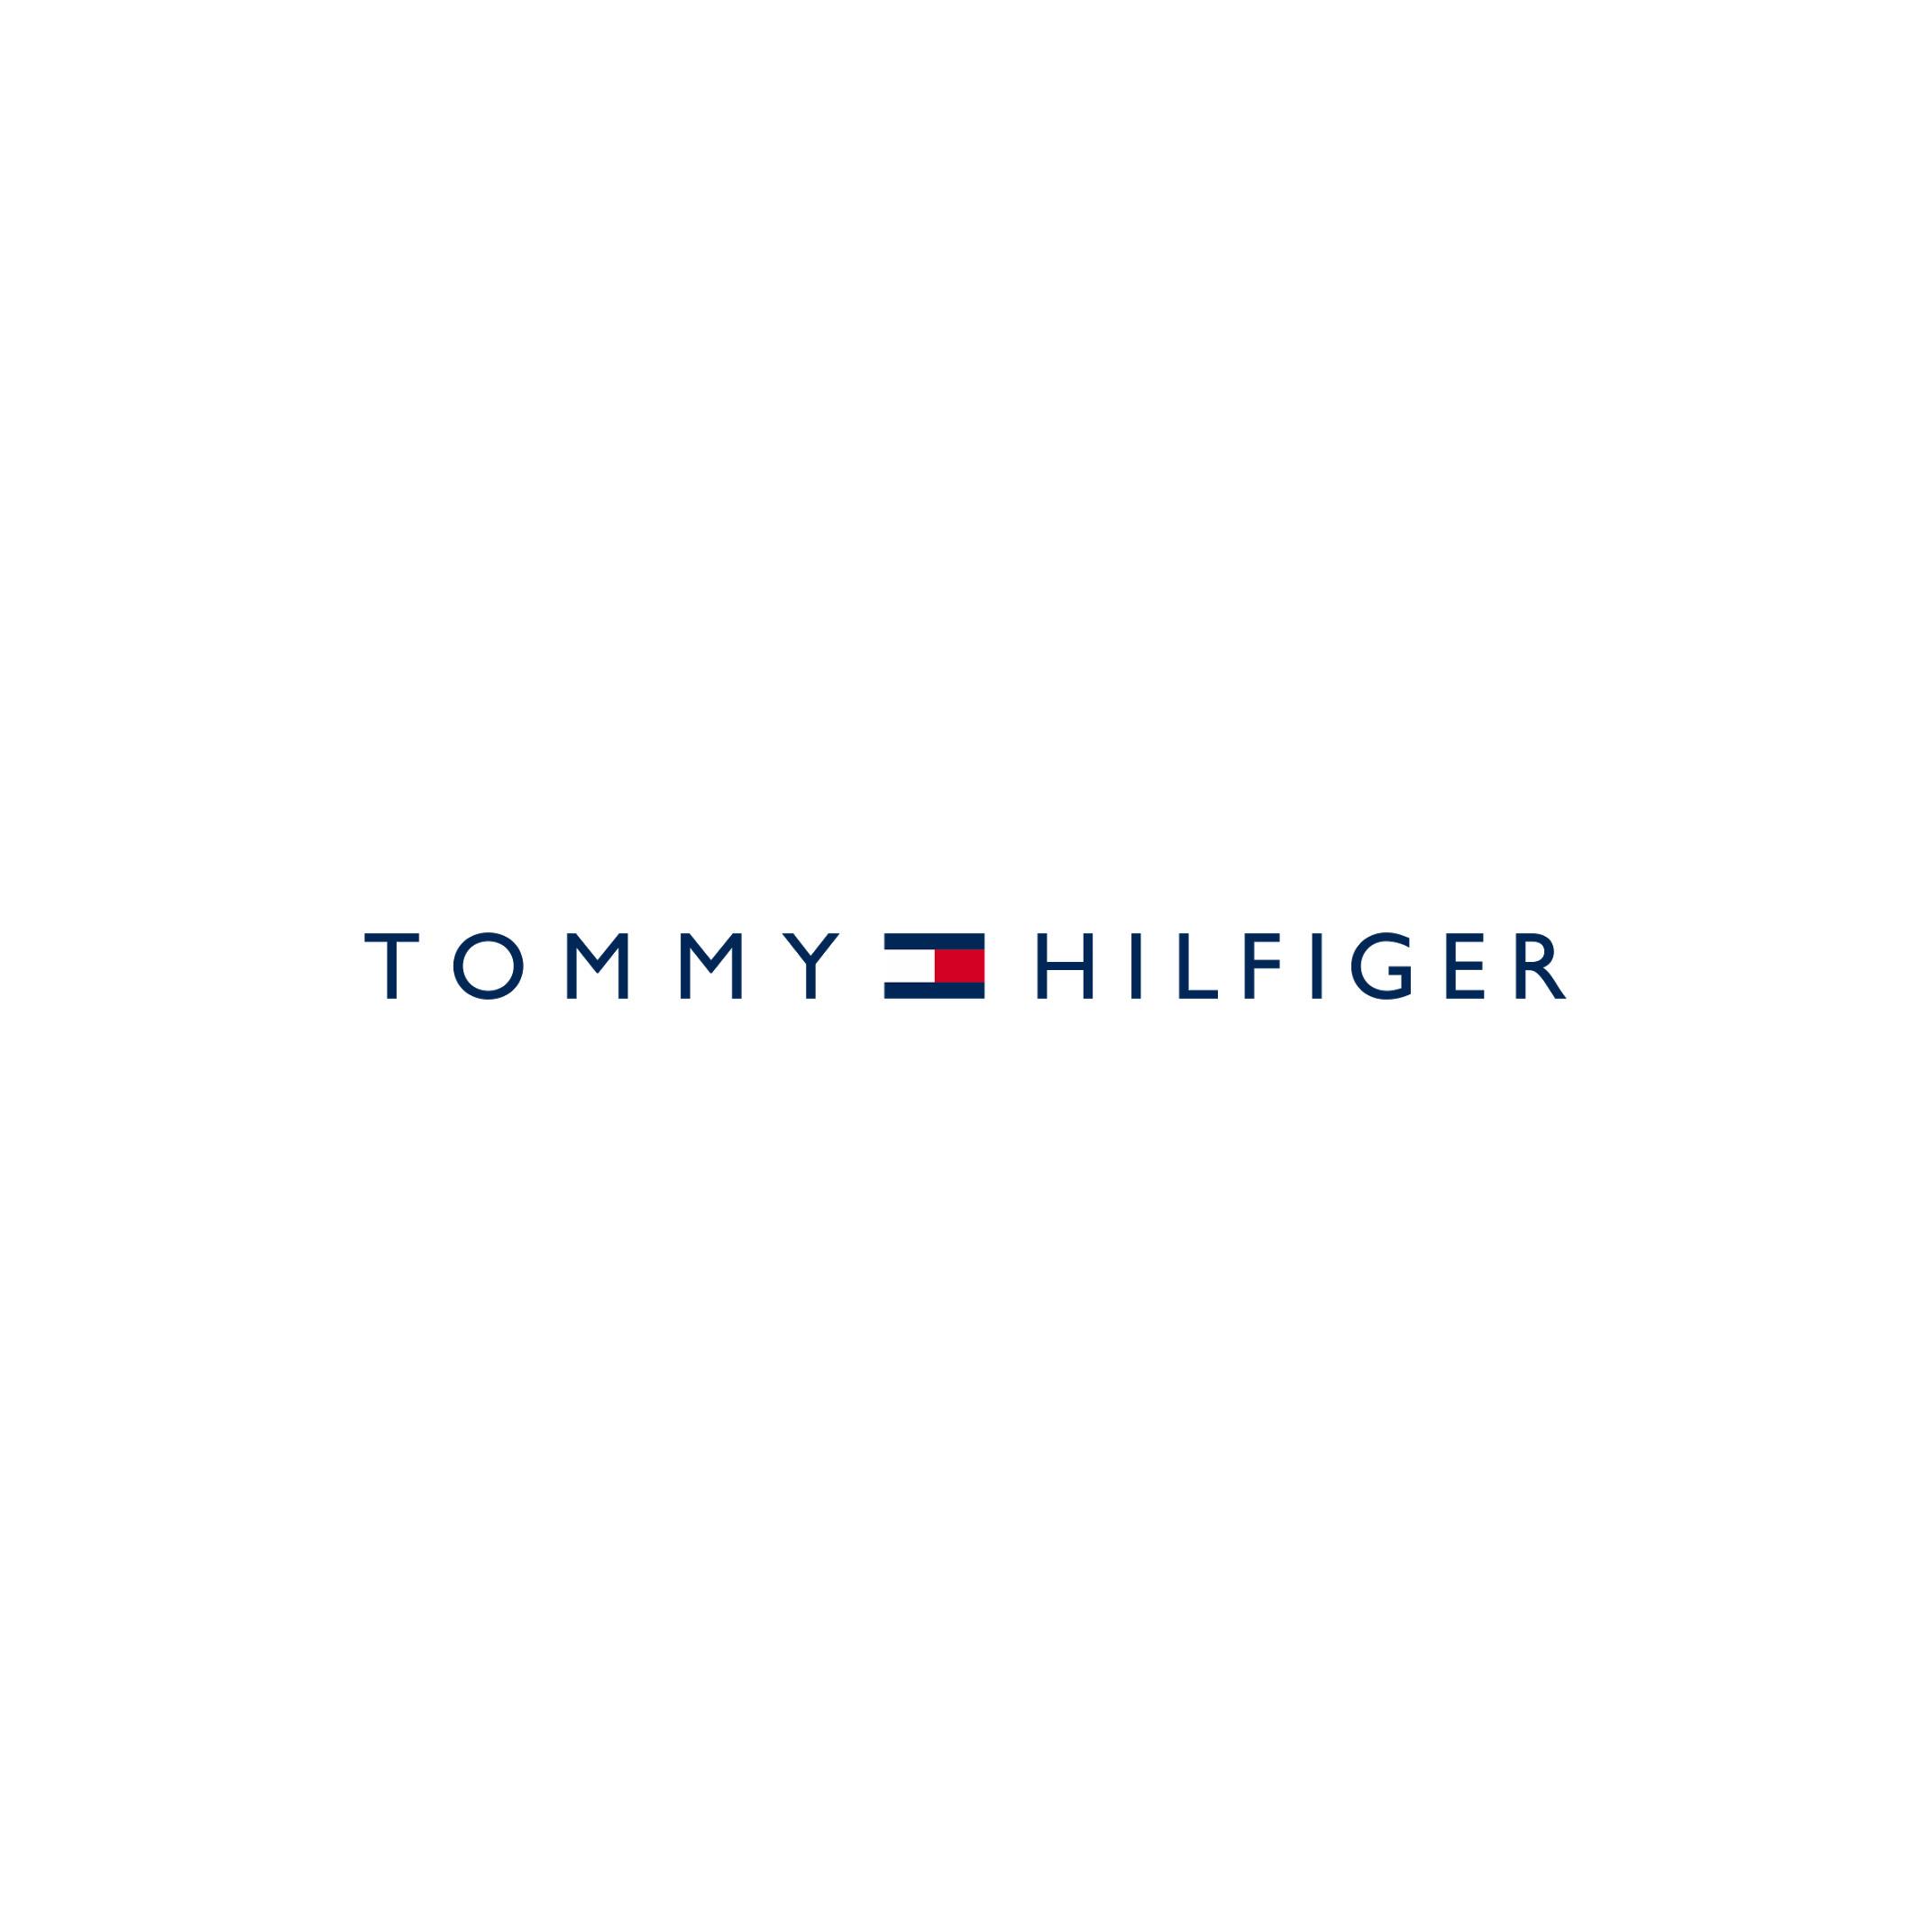 今年青春感满满的Tommy Hilfiger低至6折!夏天果然还是需要清新舒适的海军蓝相配呀~